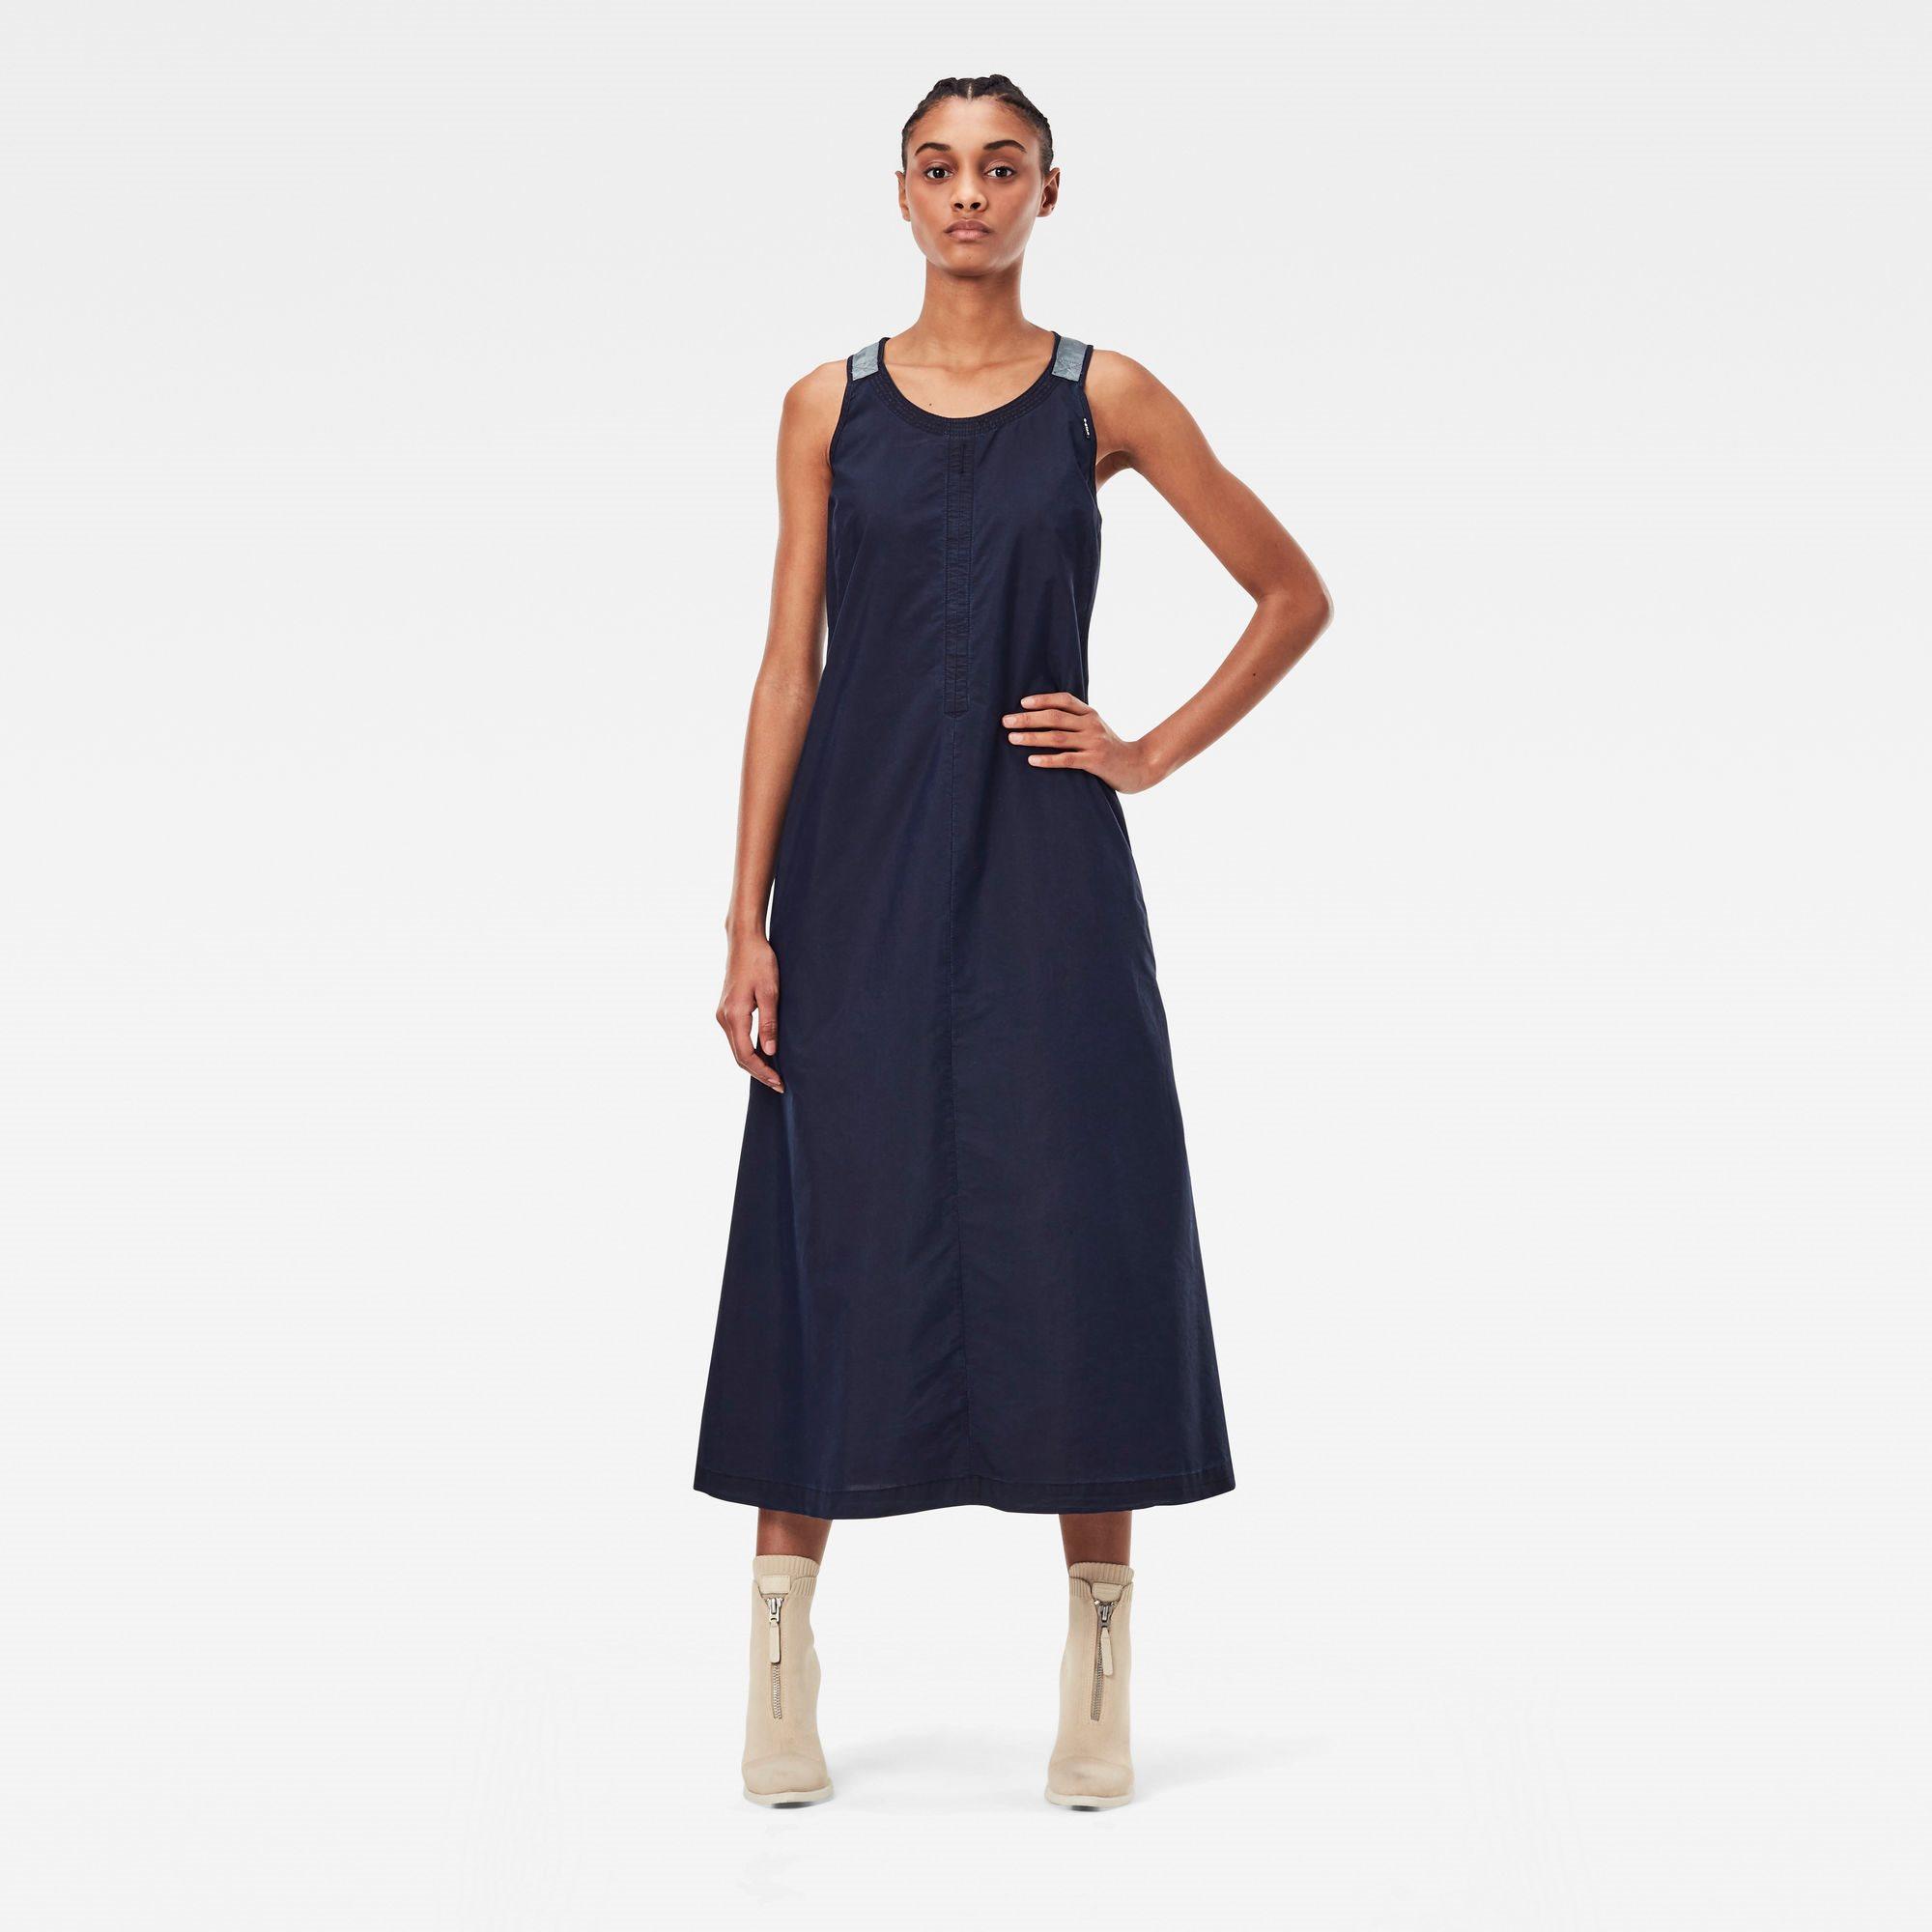 Utility strap dress sless